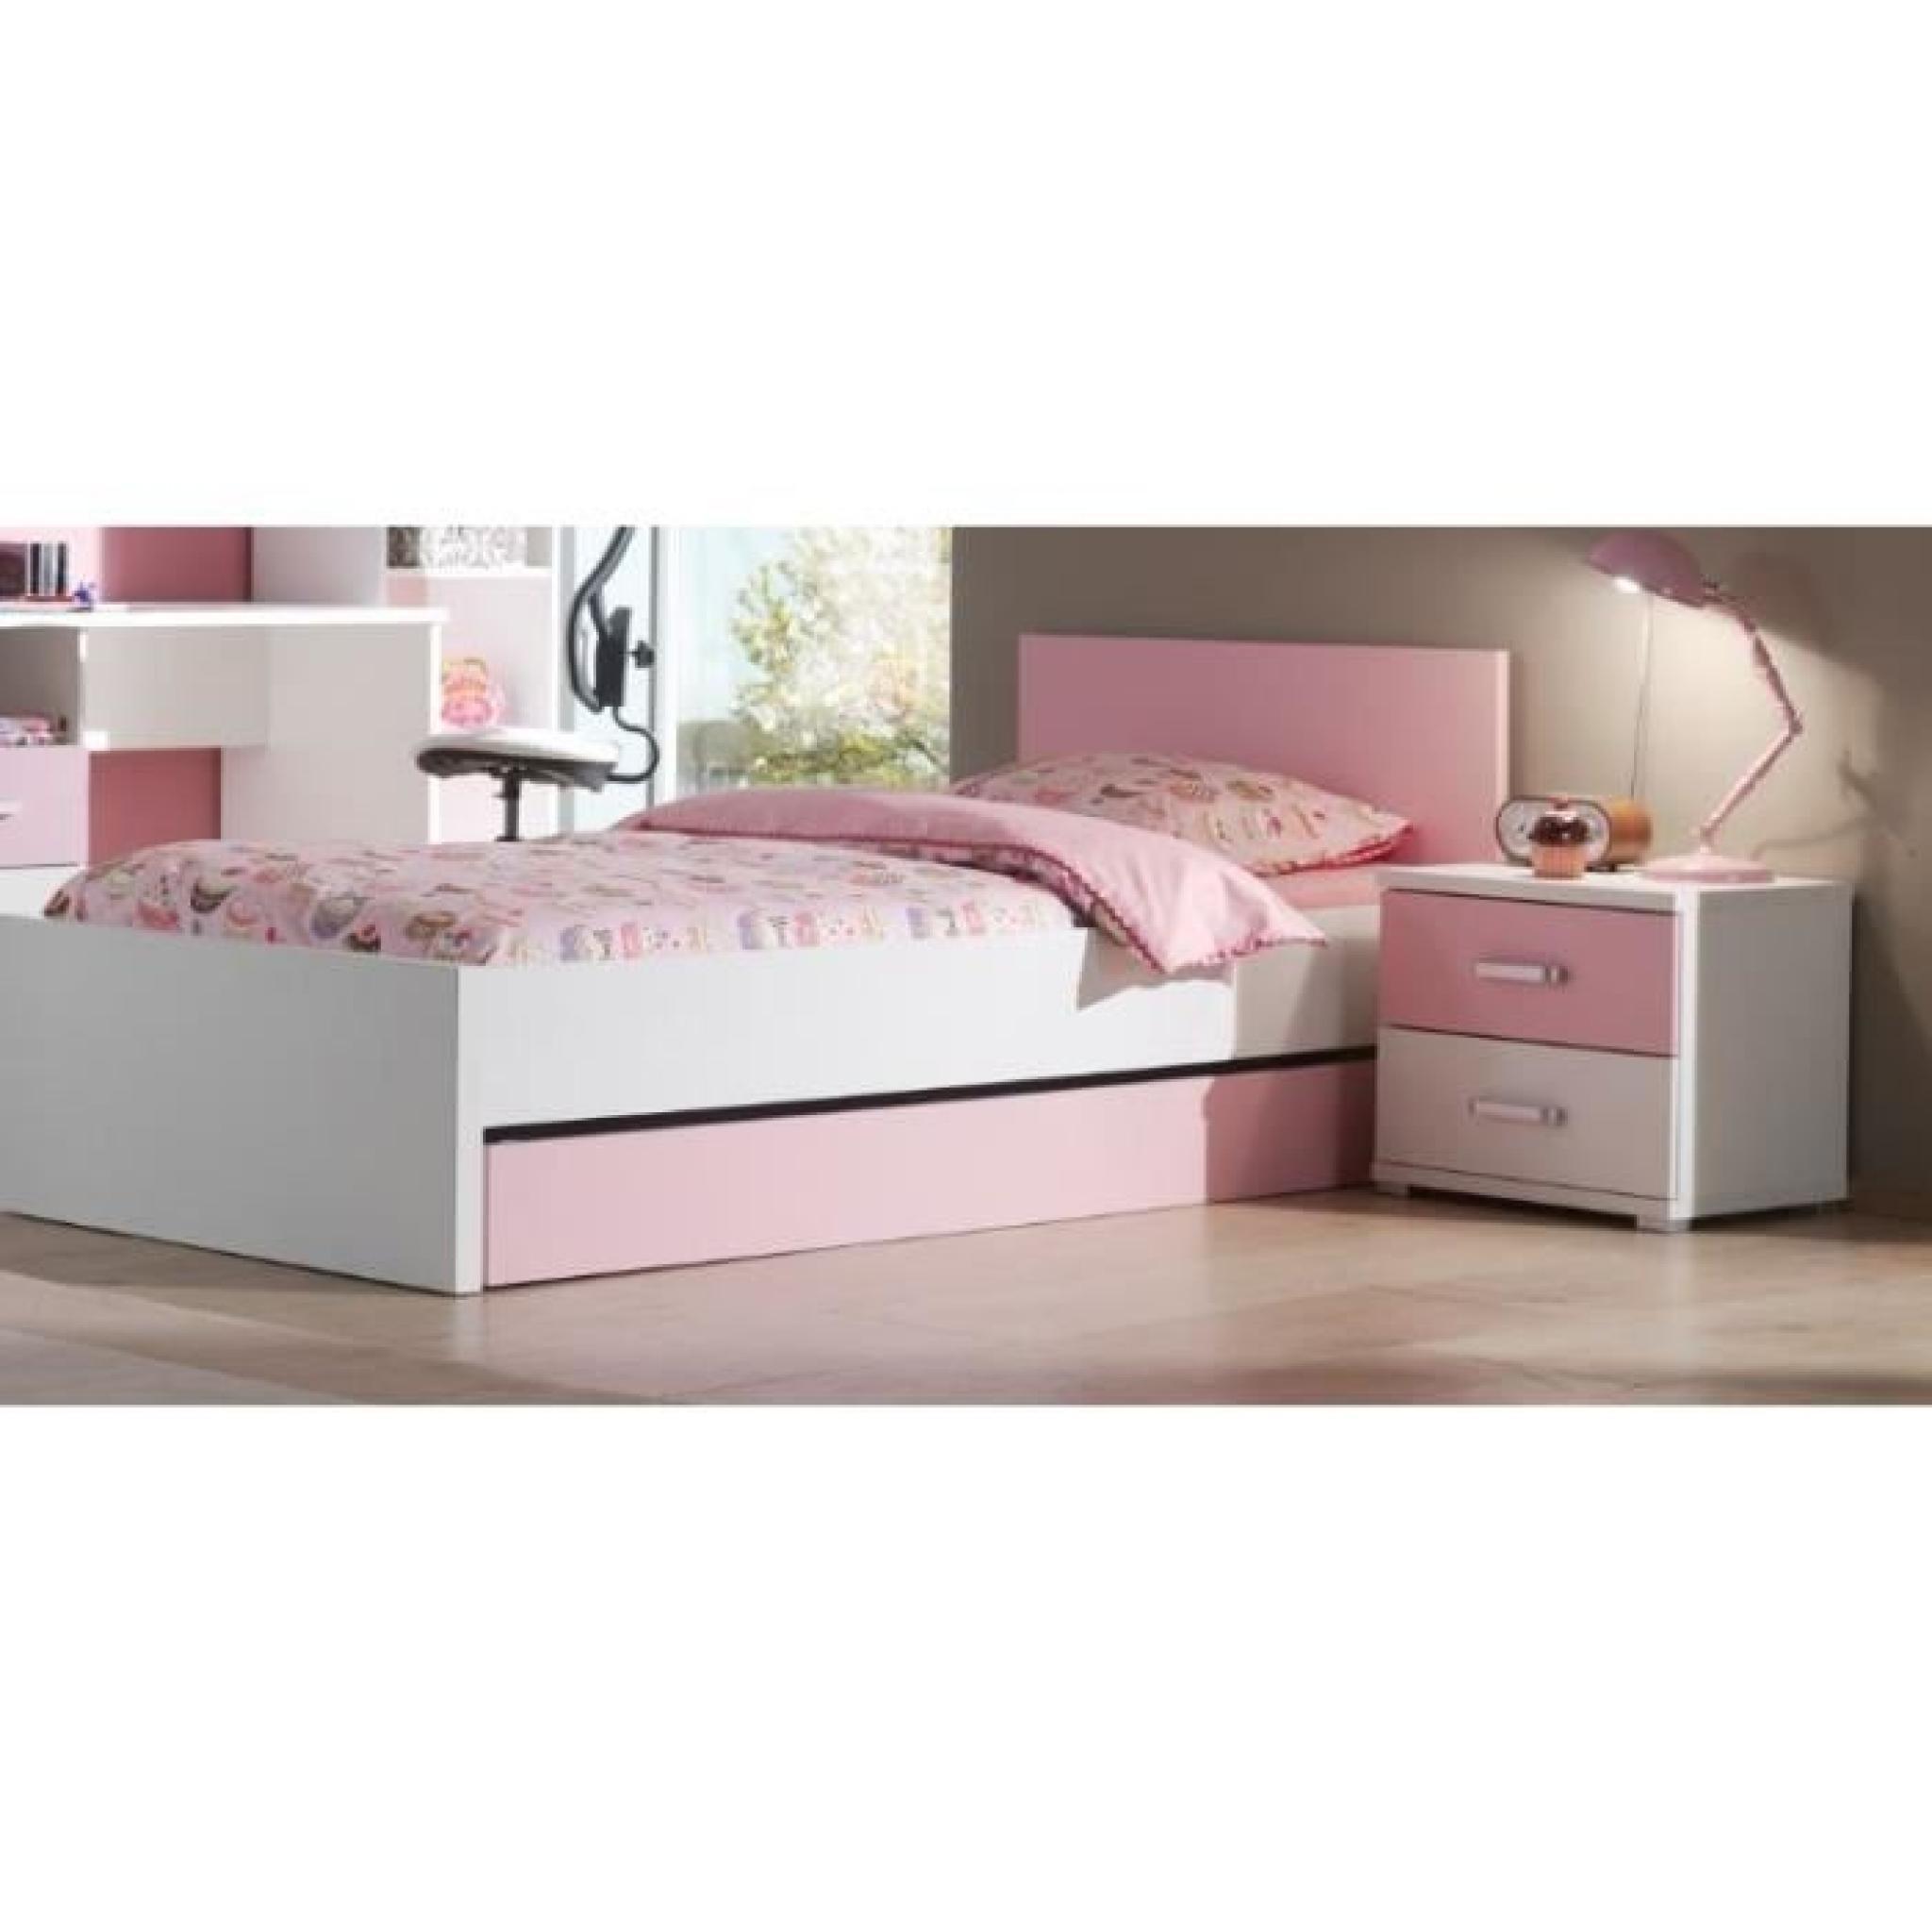 valentine ensemble chambre enfant 3 pi ces blanc achat vente chambre complete pas cher. Black Bedroom Furniture Sets. Home Design Ideas